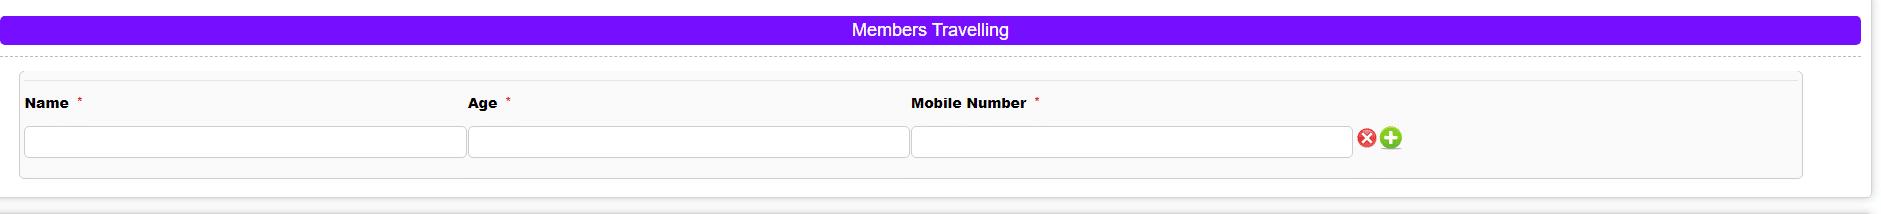 Members Travelling